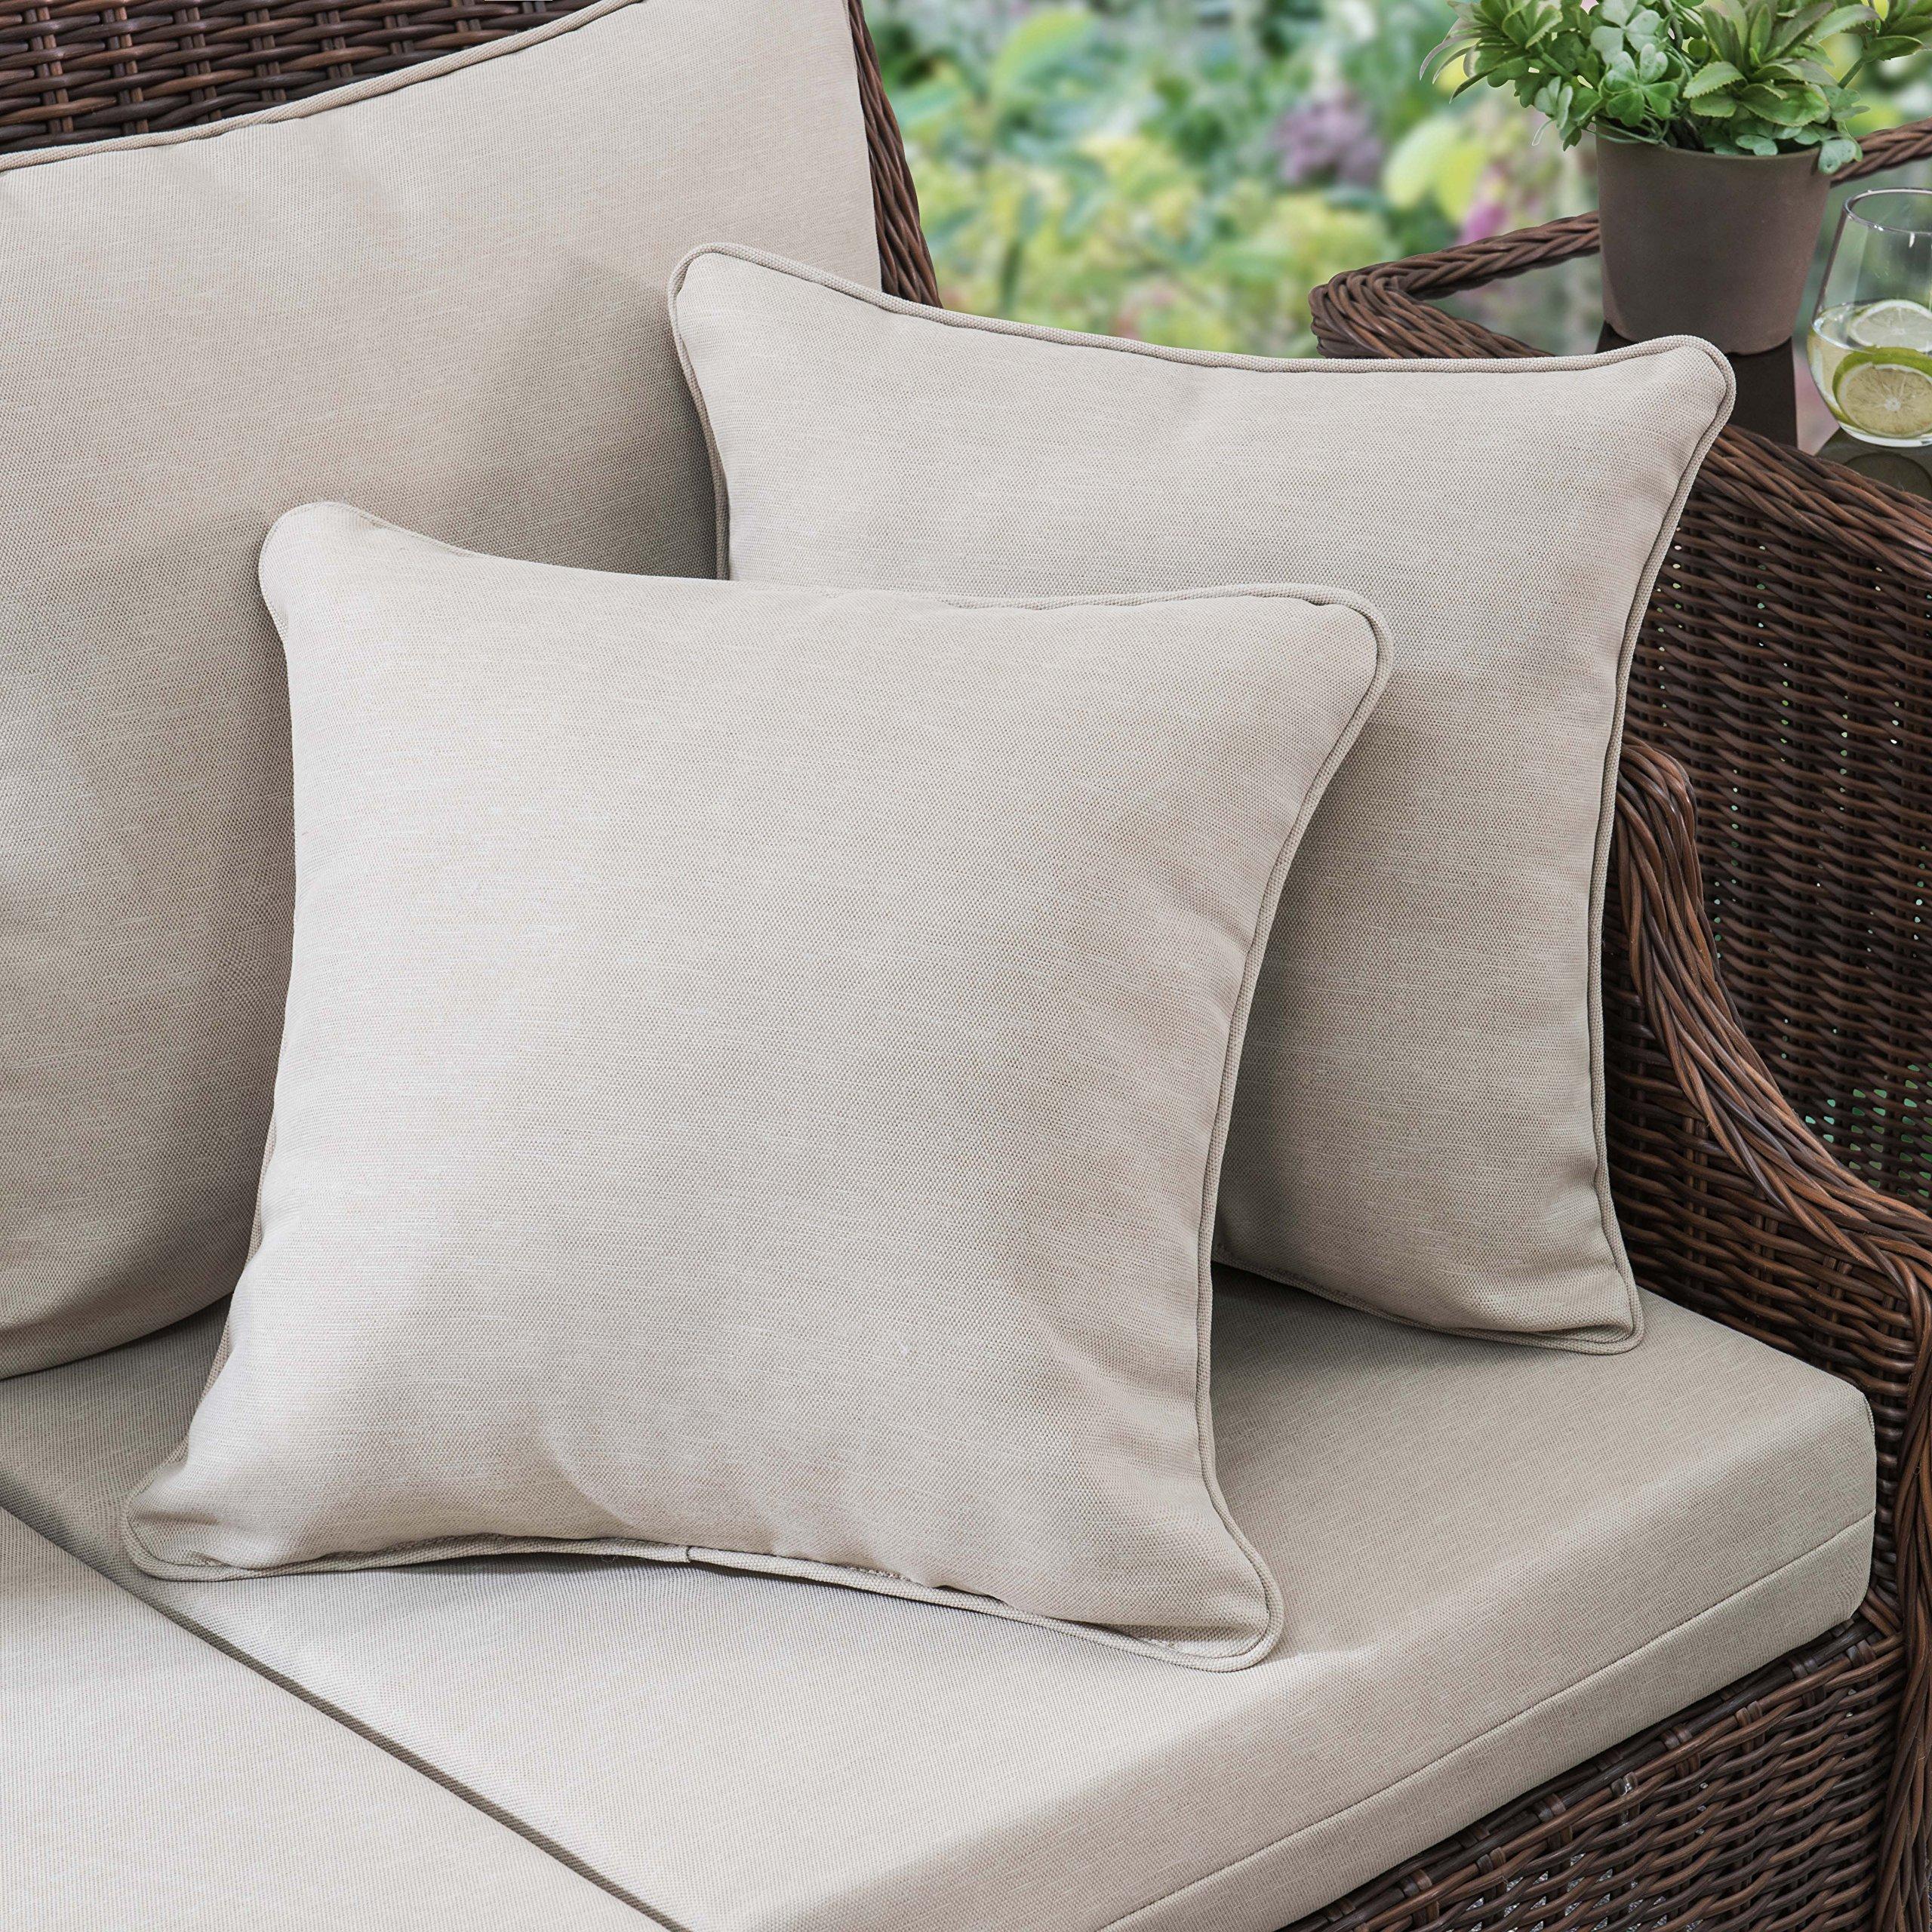 Sunjoy S-PL065PFB Outdoor Pillow, Tan by Sunjoy (Image #2)